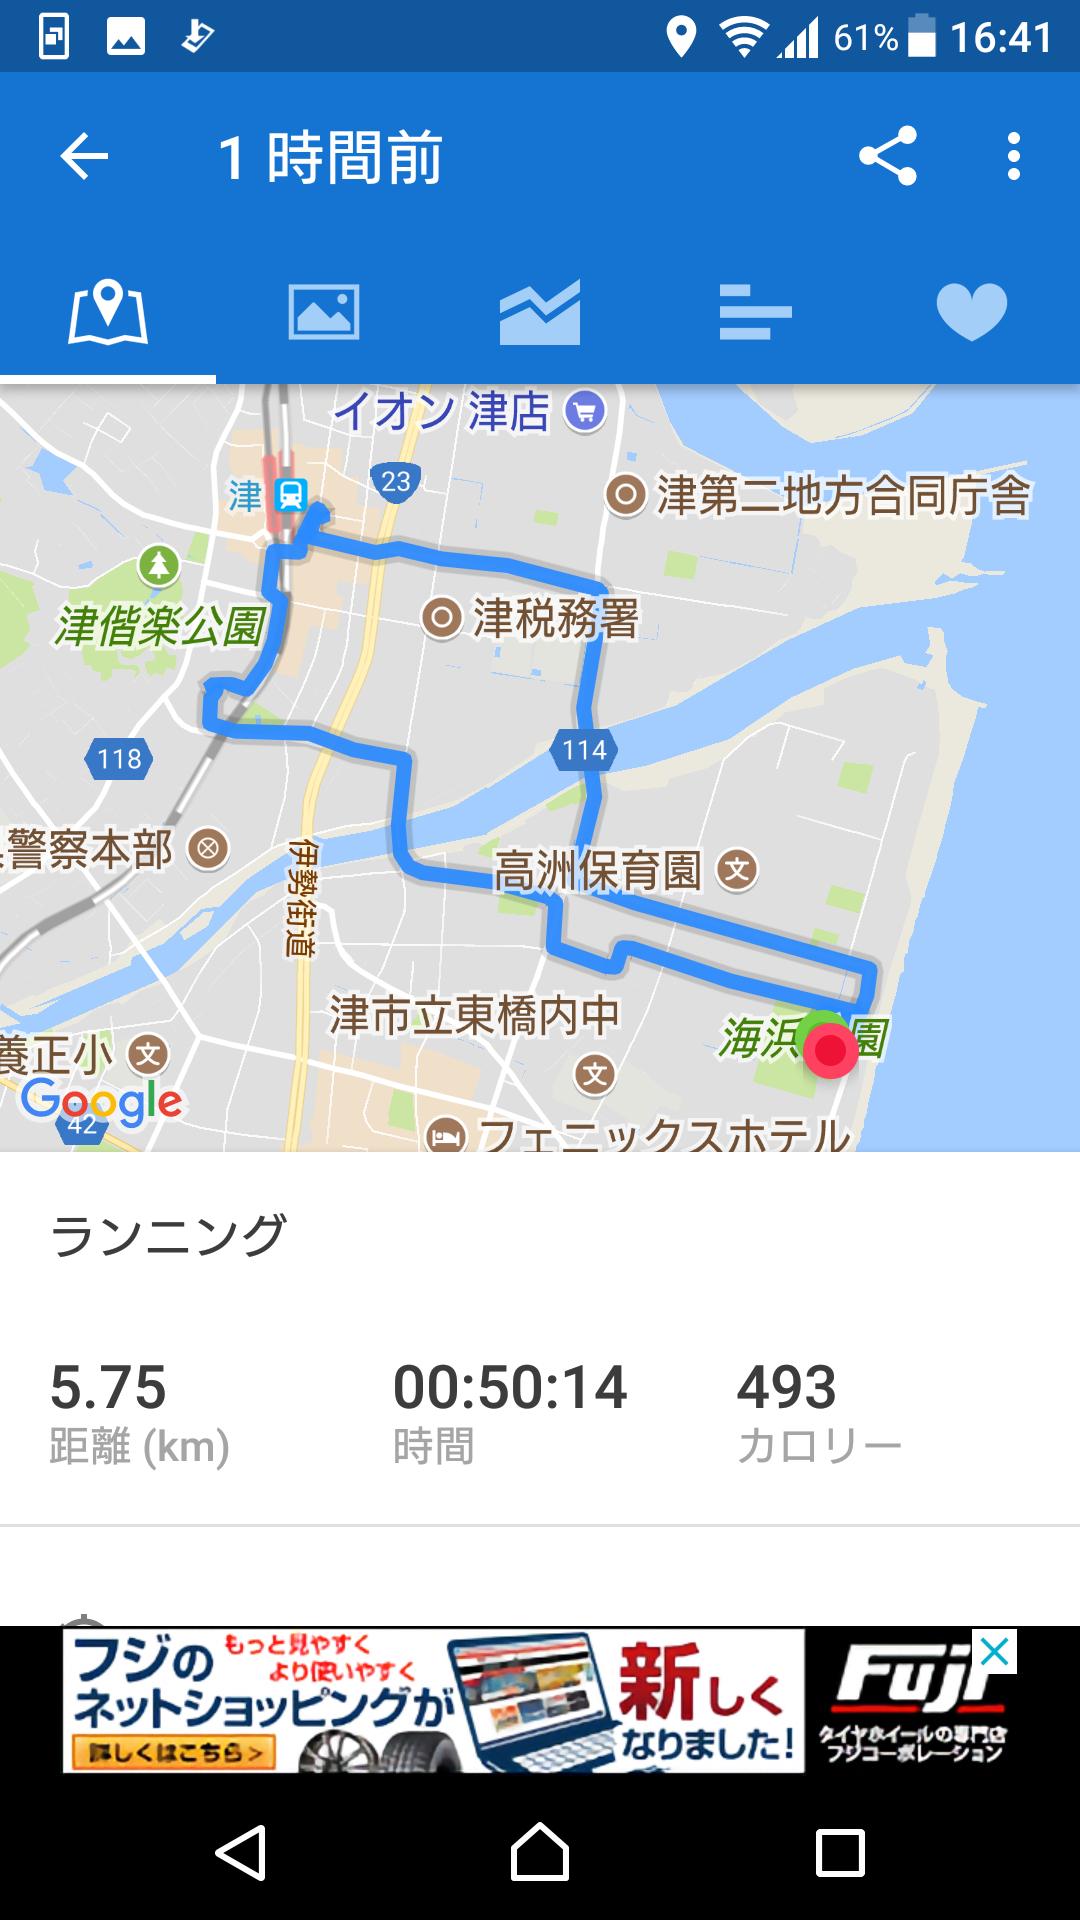 f:id:ynakayama27:20171005174012p:plain